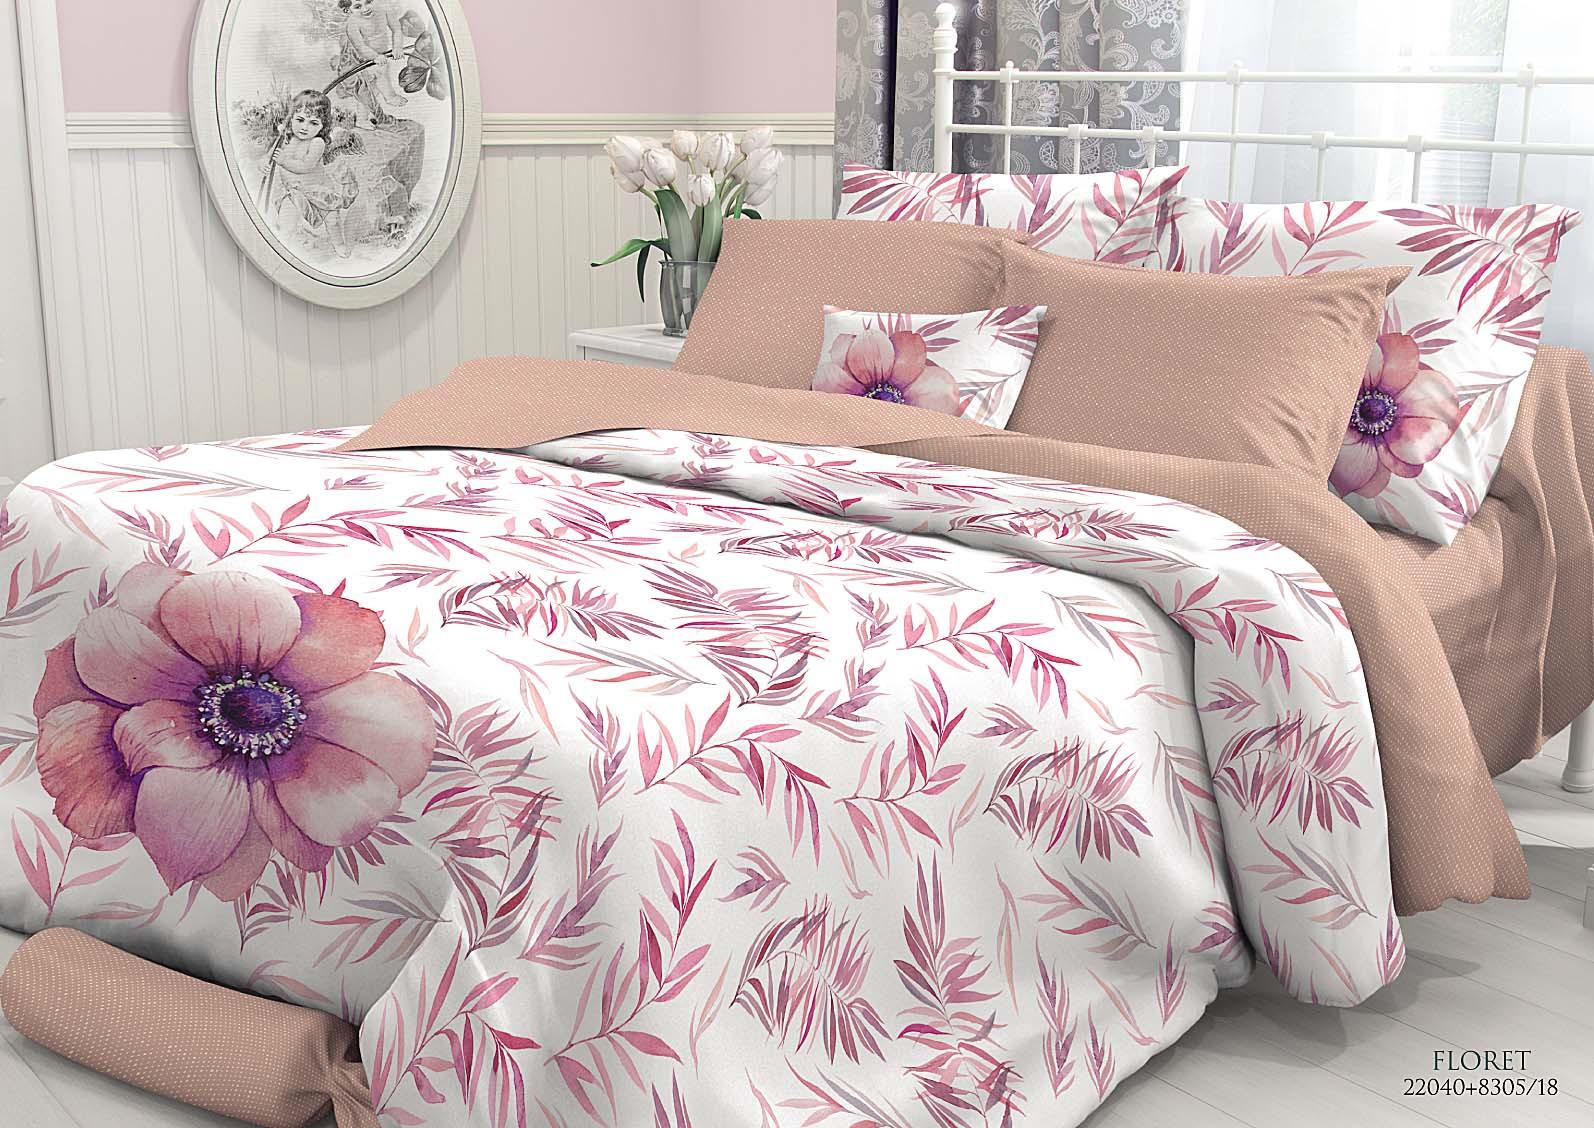 Комплект белья Verossa Floret, 2-спальный, наволочки 70x70